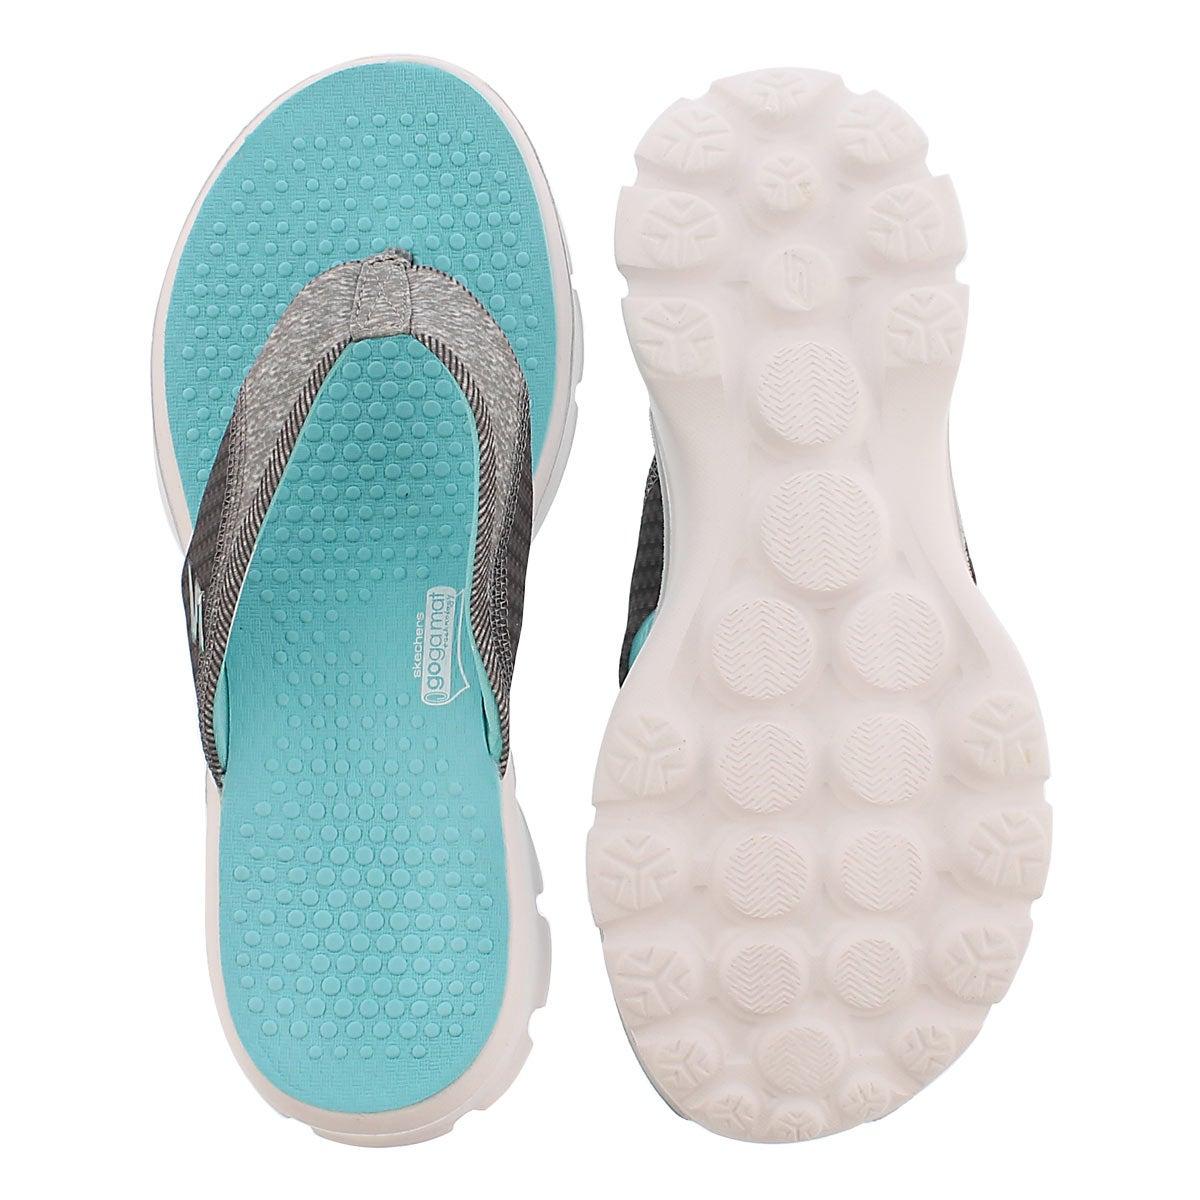 Sandale tong Pizazz, turquoise, fem